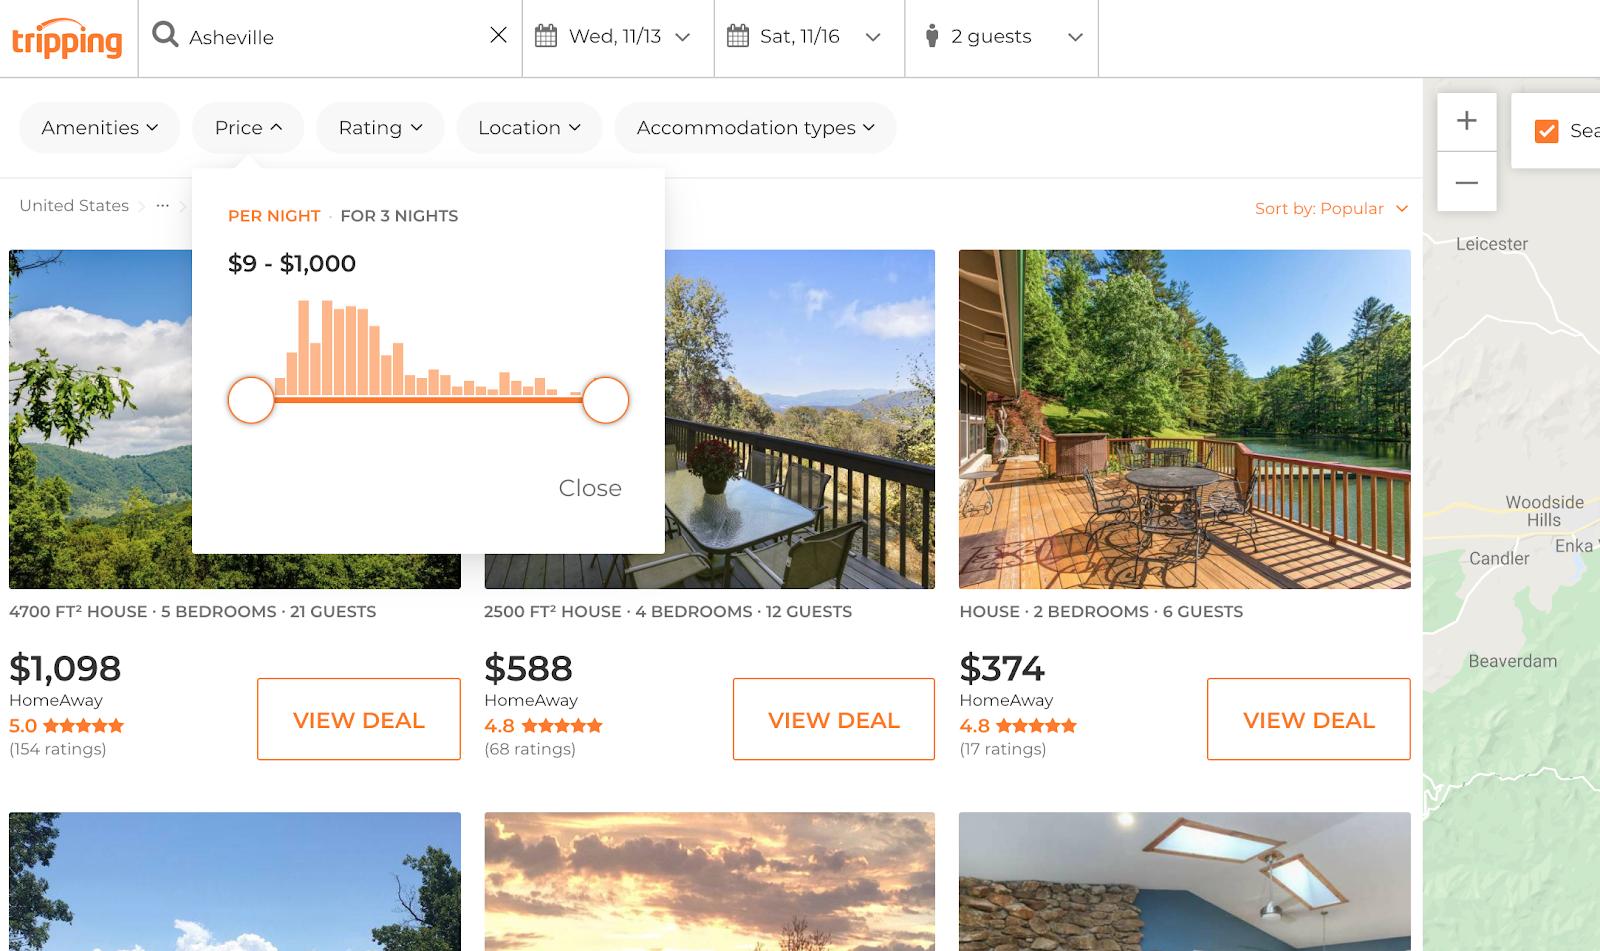 página web que muestra los rangos de precios de las propiedades